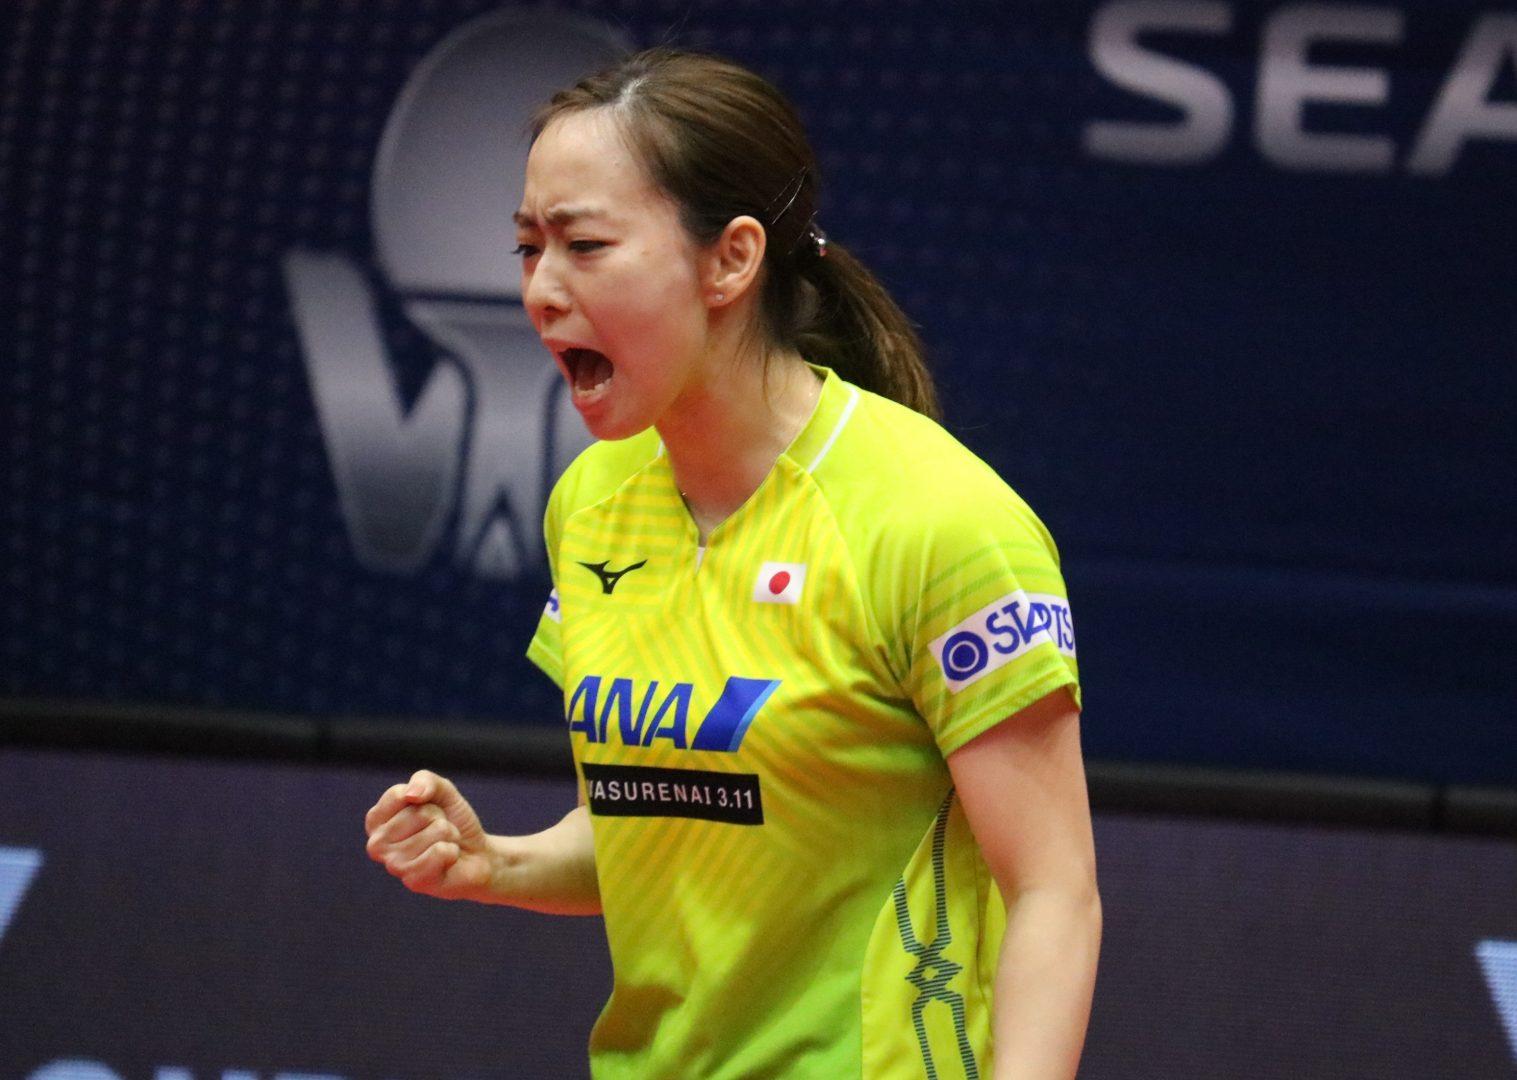 石川佳純、涙の勝利 世界ランク1位・陳夢に金星<オーストラリアオープン>